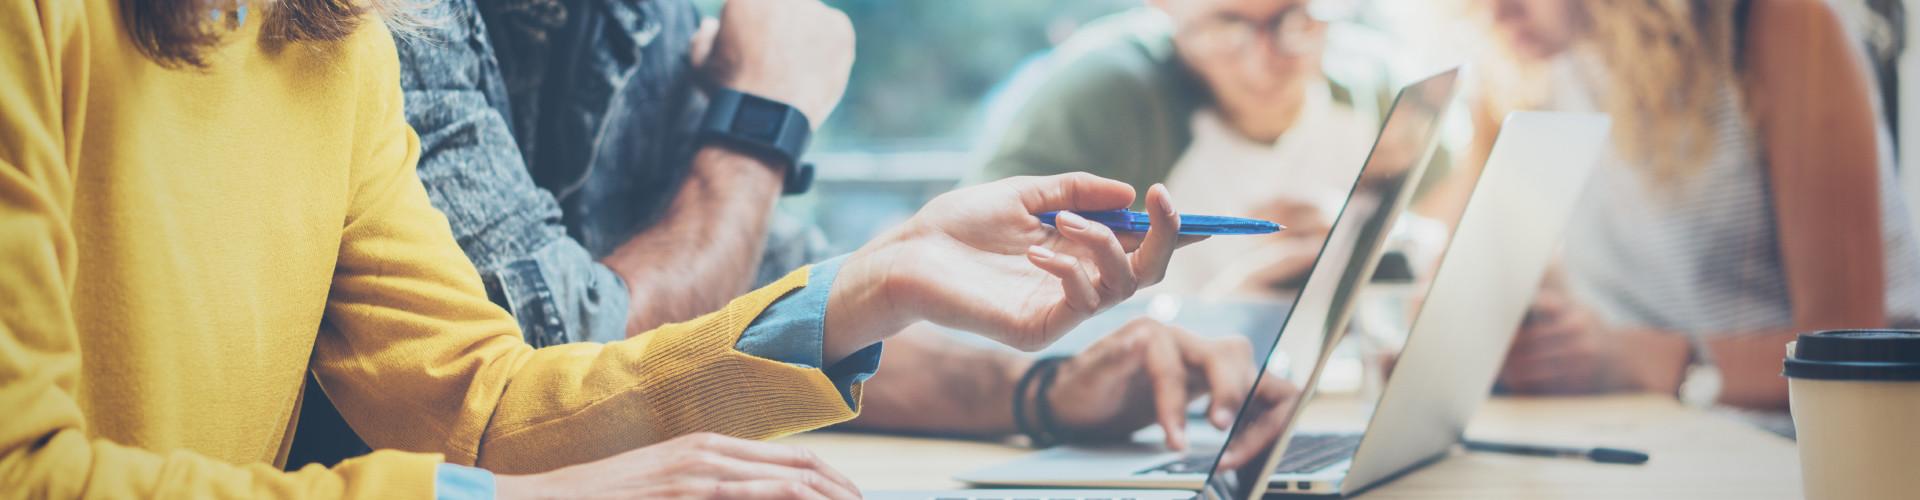 Mehrere Menschen sitzen gemeinsam mit Laptop an einem Tisch © Adobe Stock, Adobe Stock